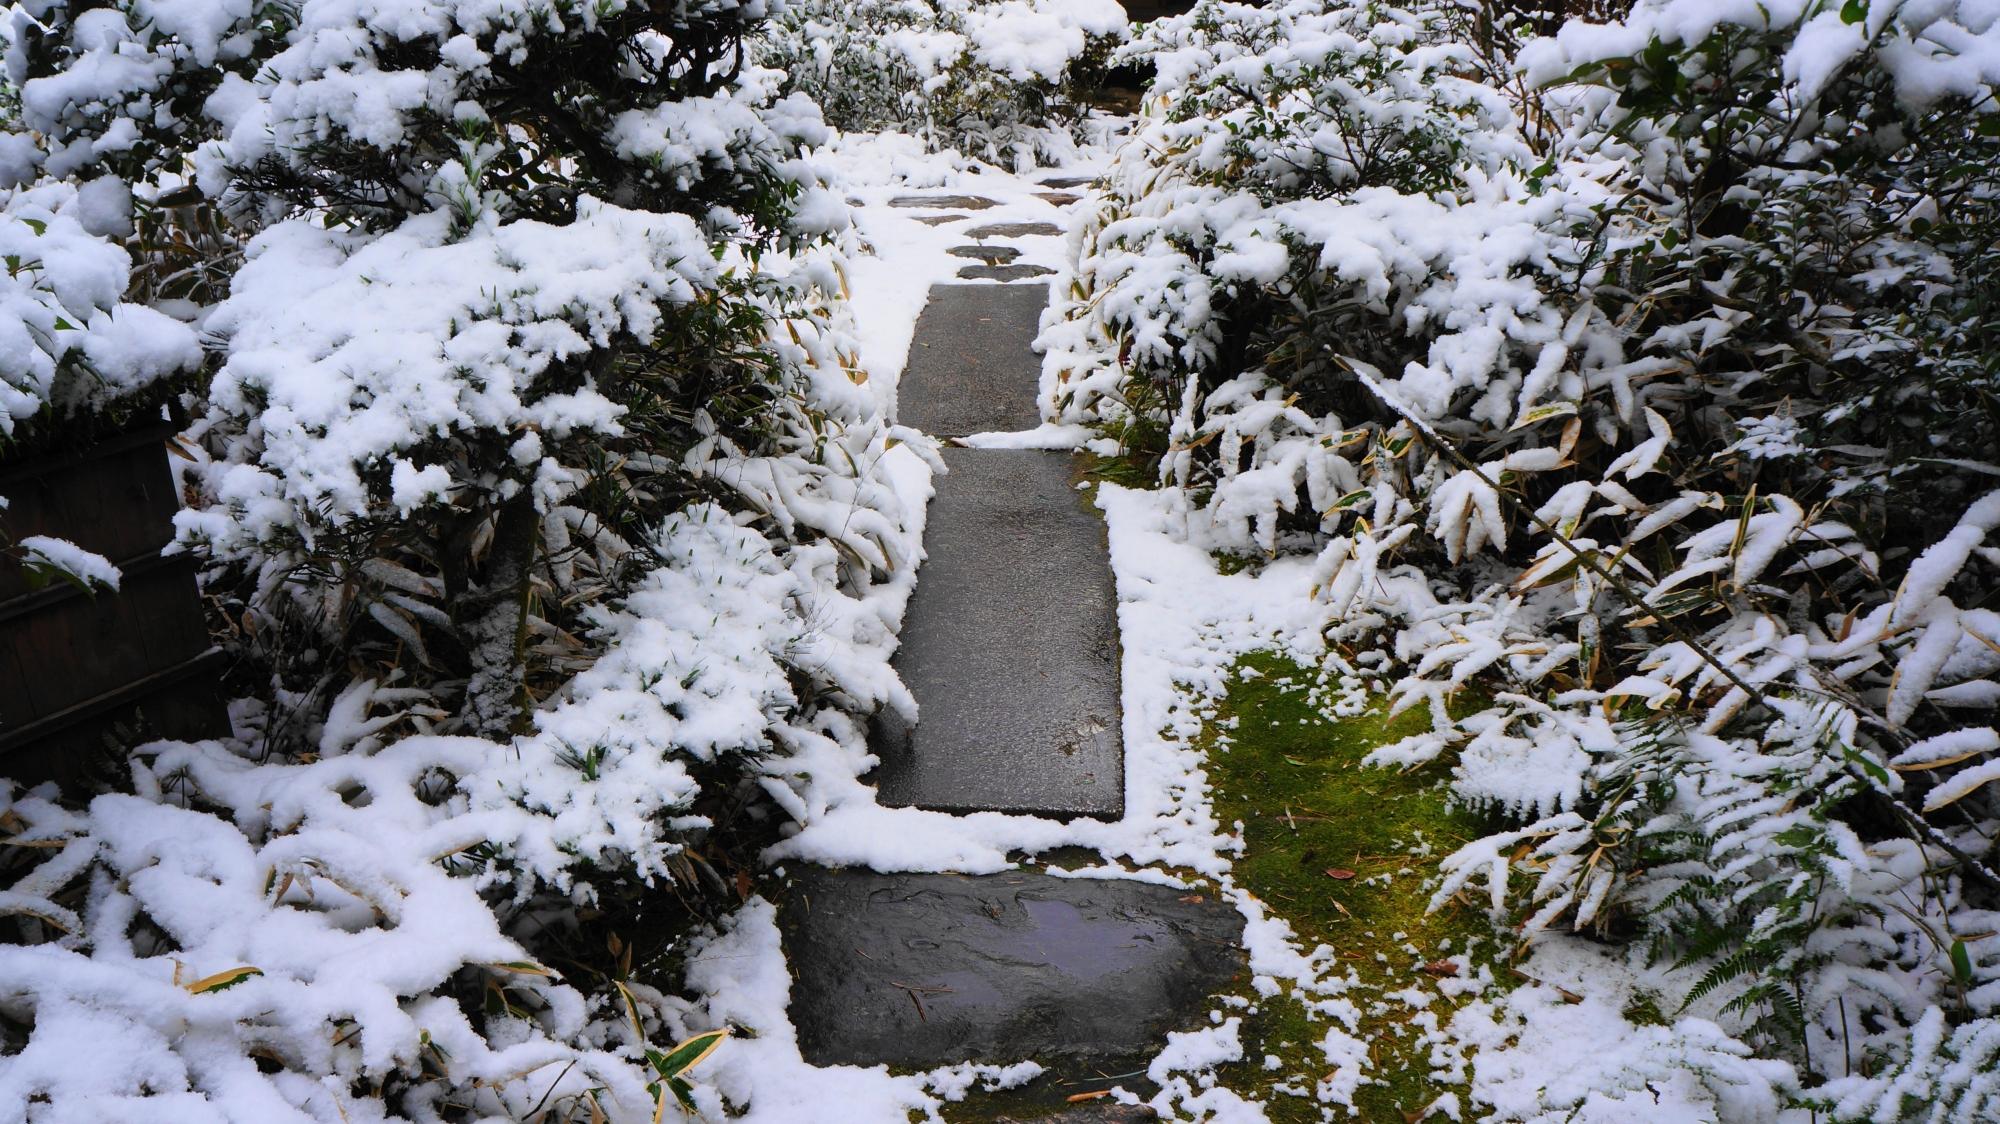 様々な形や大きさの飛び石が配された雪の参道